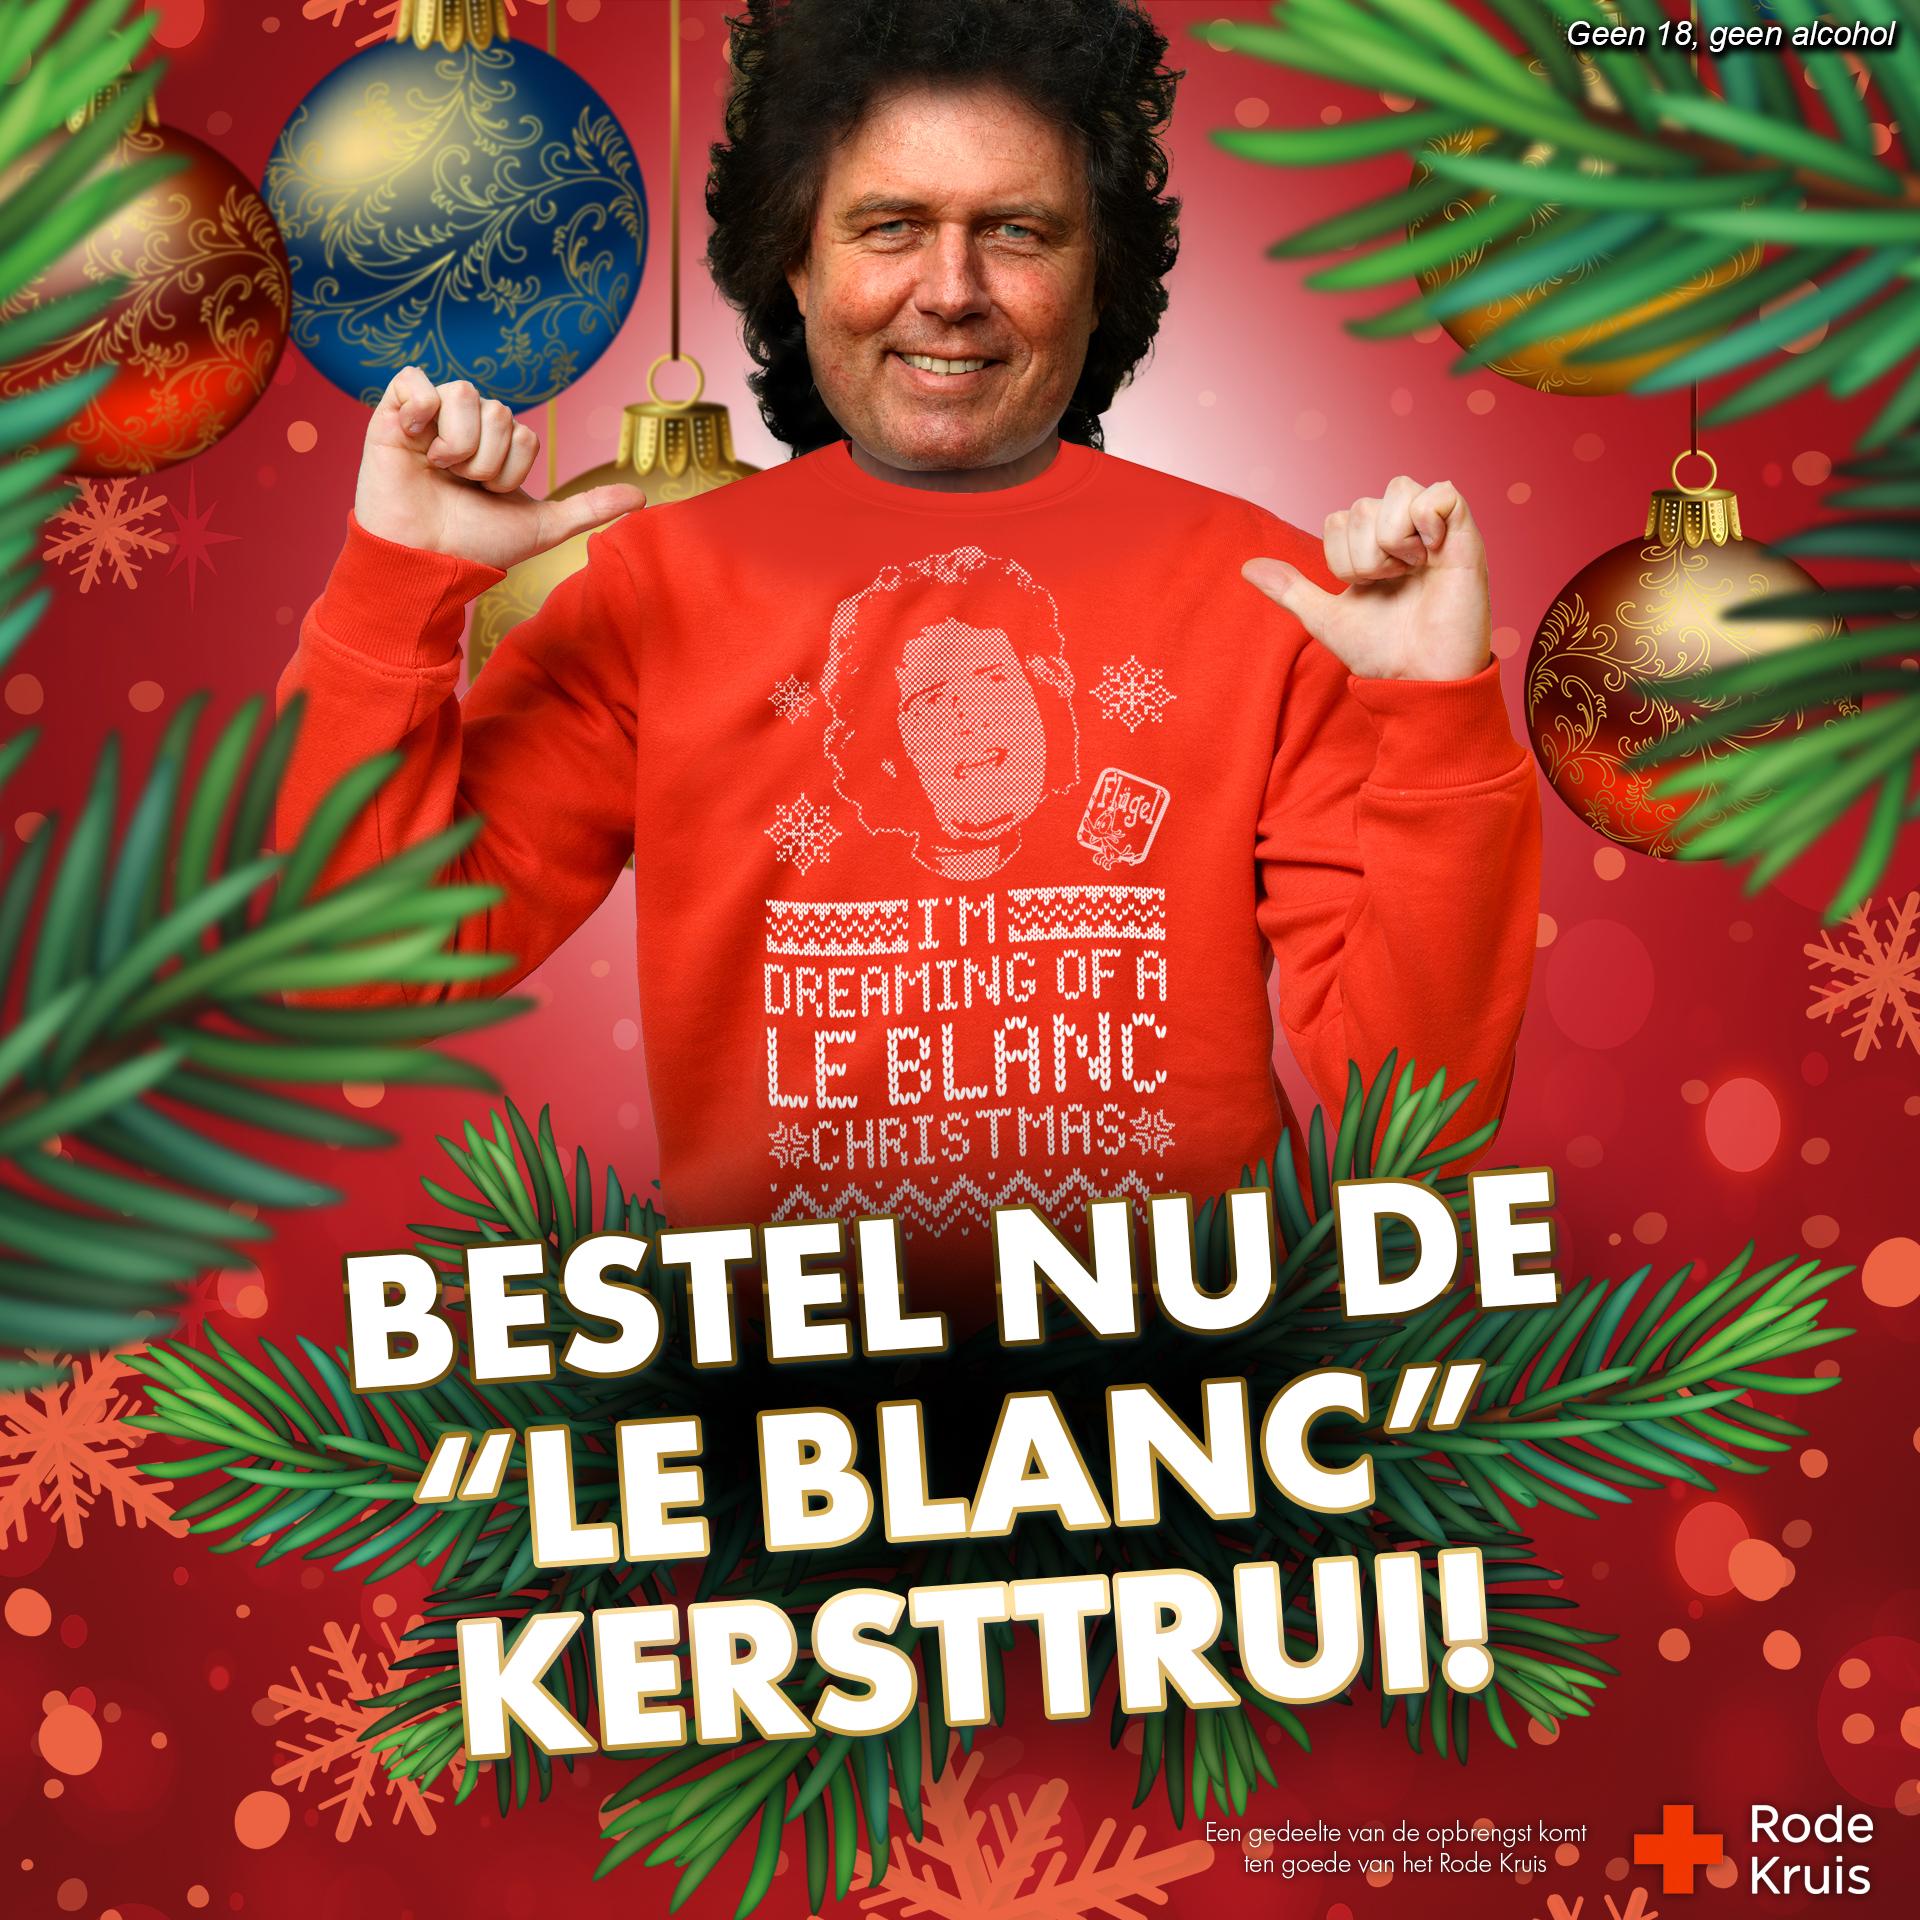 René LE BLANC Foute Kersttrui